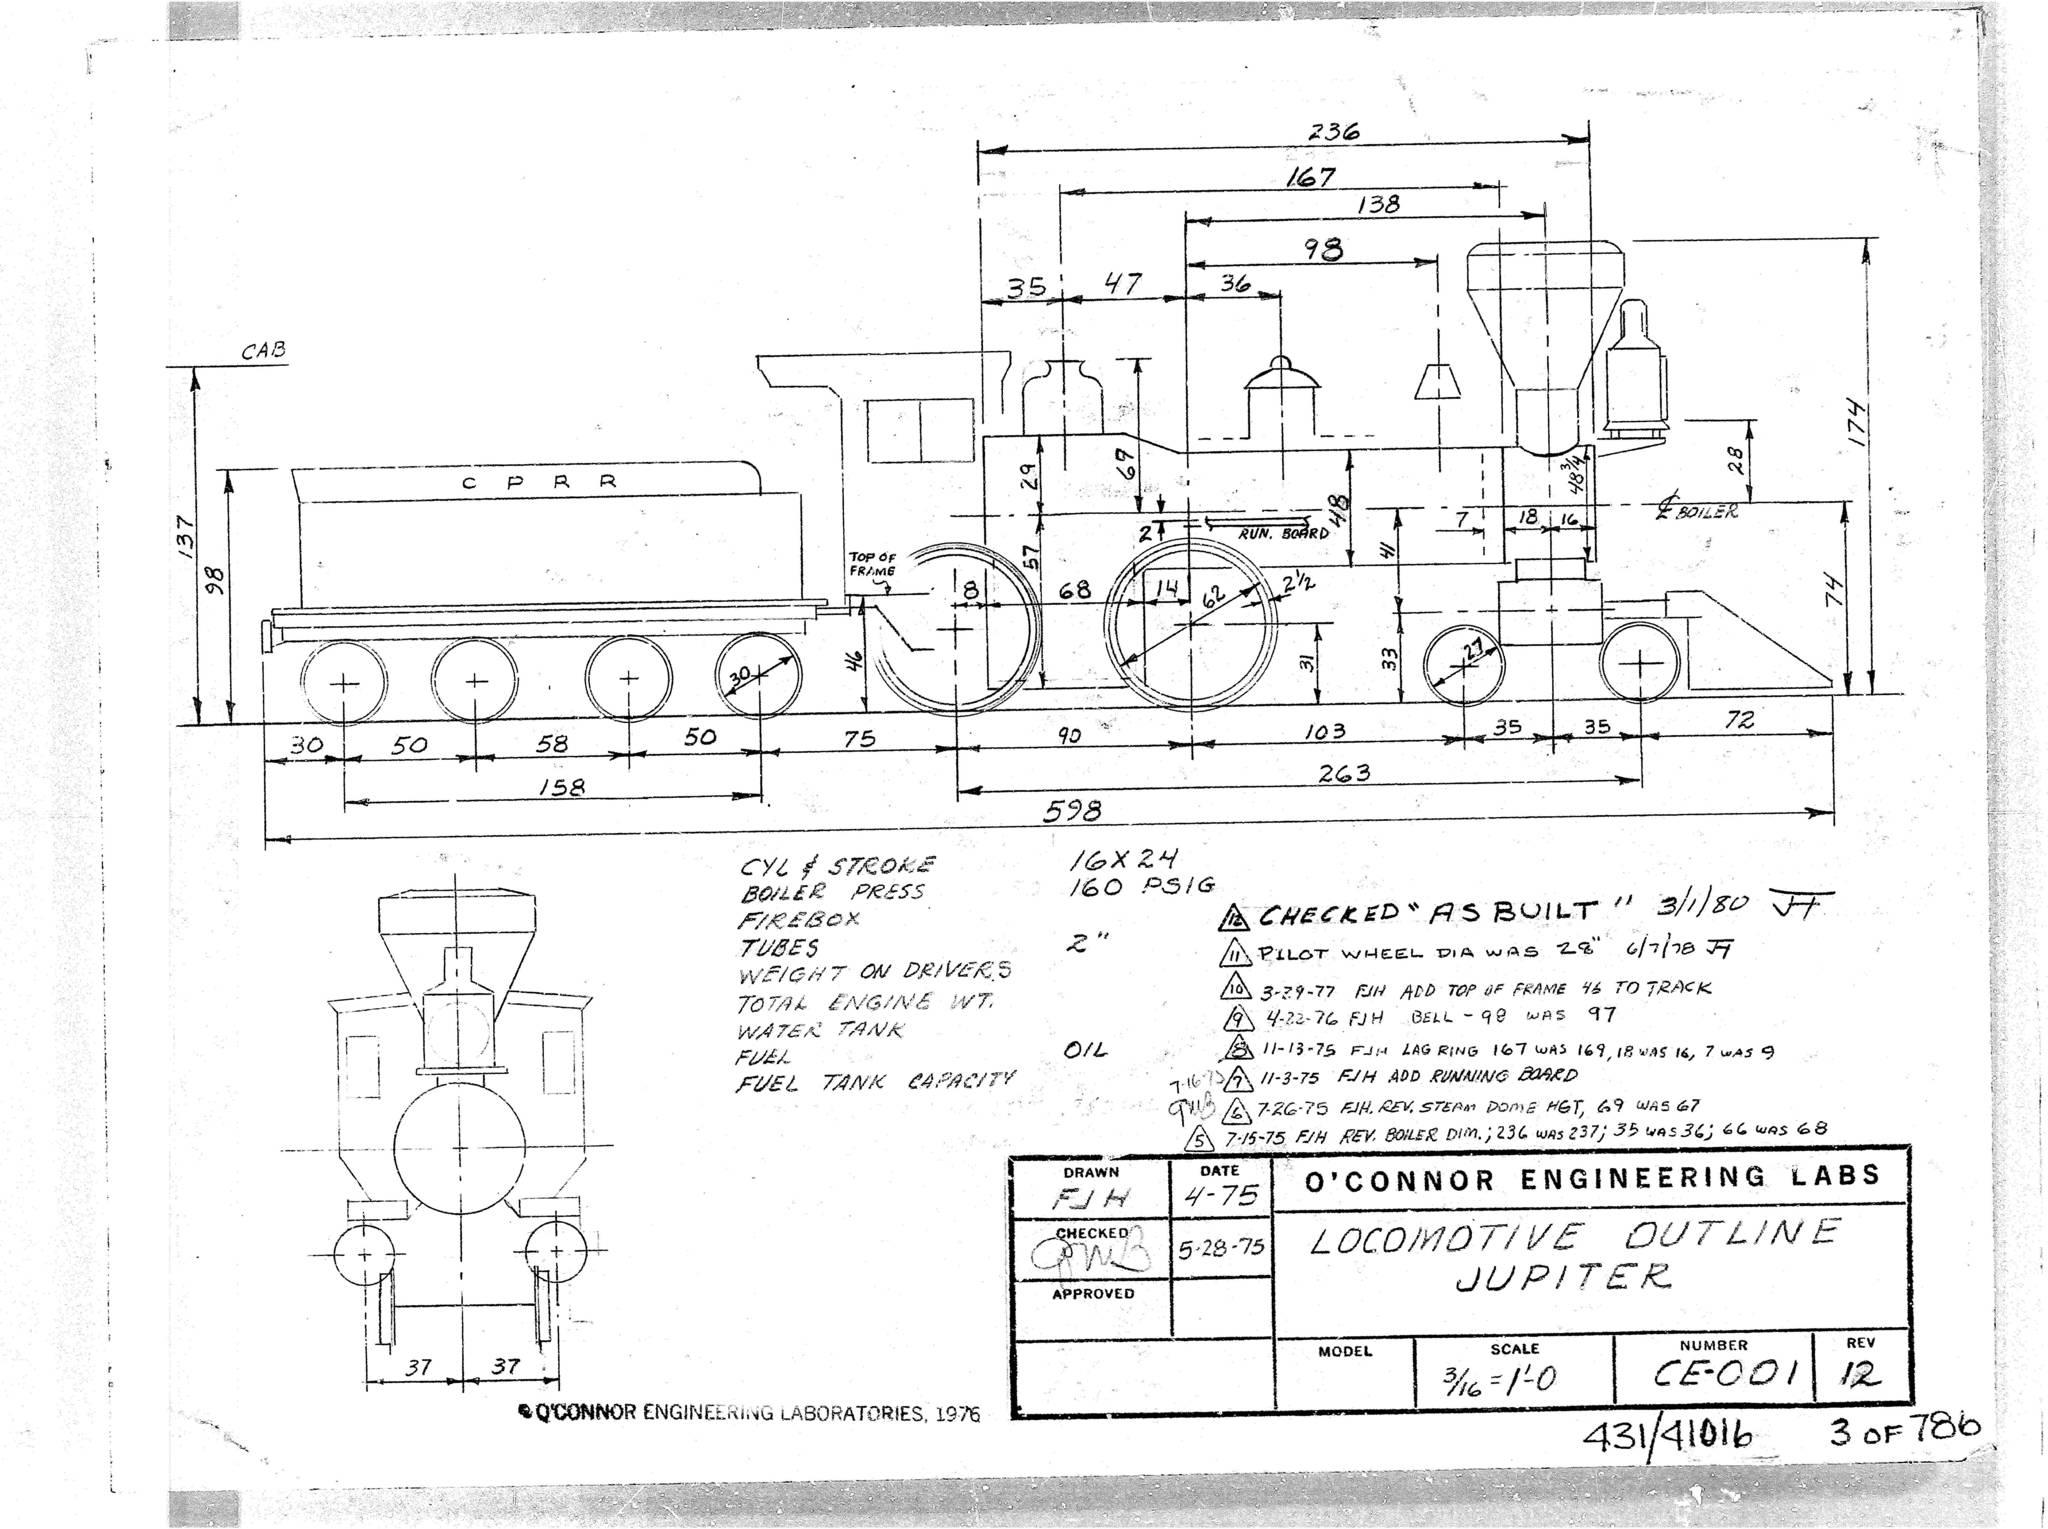 의뢰한 회사에서 보내온 'JUPITER' 기관차의 설계 도면. 도면을 참고하여 제작에 적합하게 다시 설계하여 제작한다. [사진 기차왕국박물관]